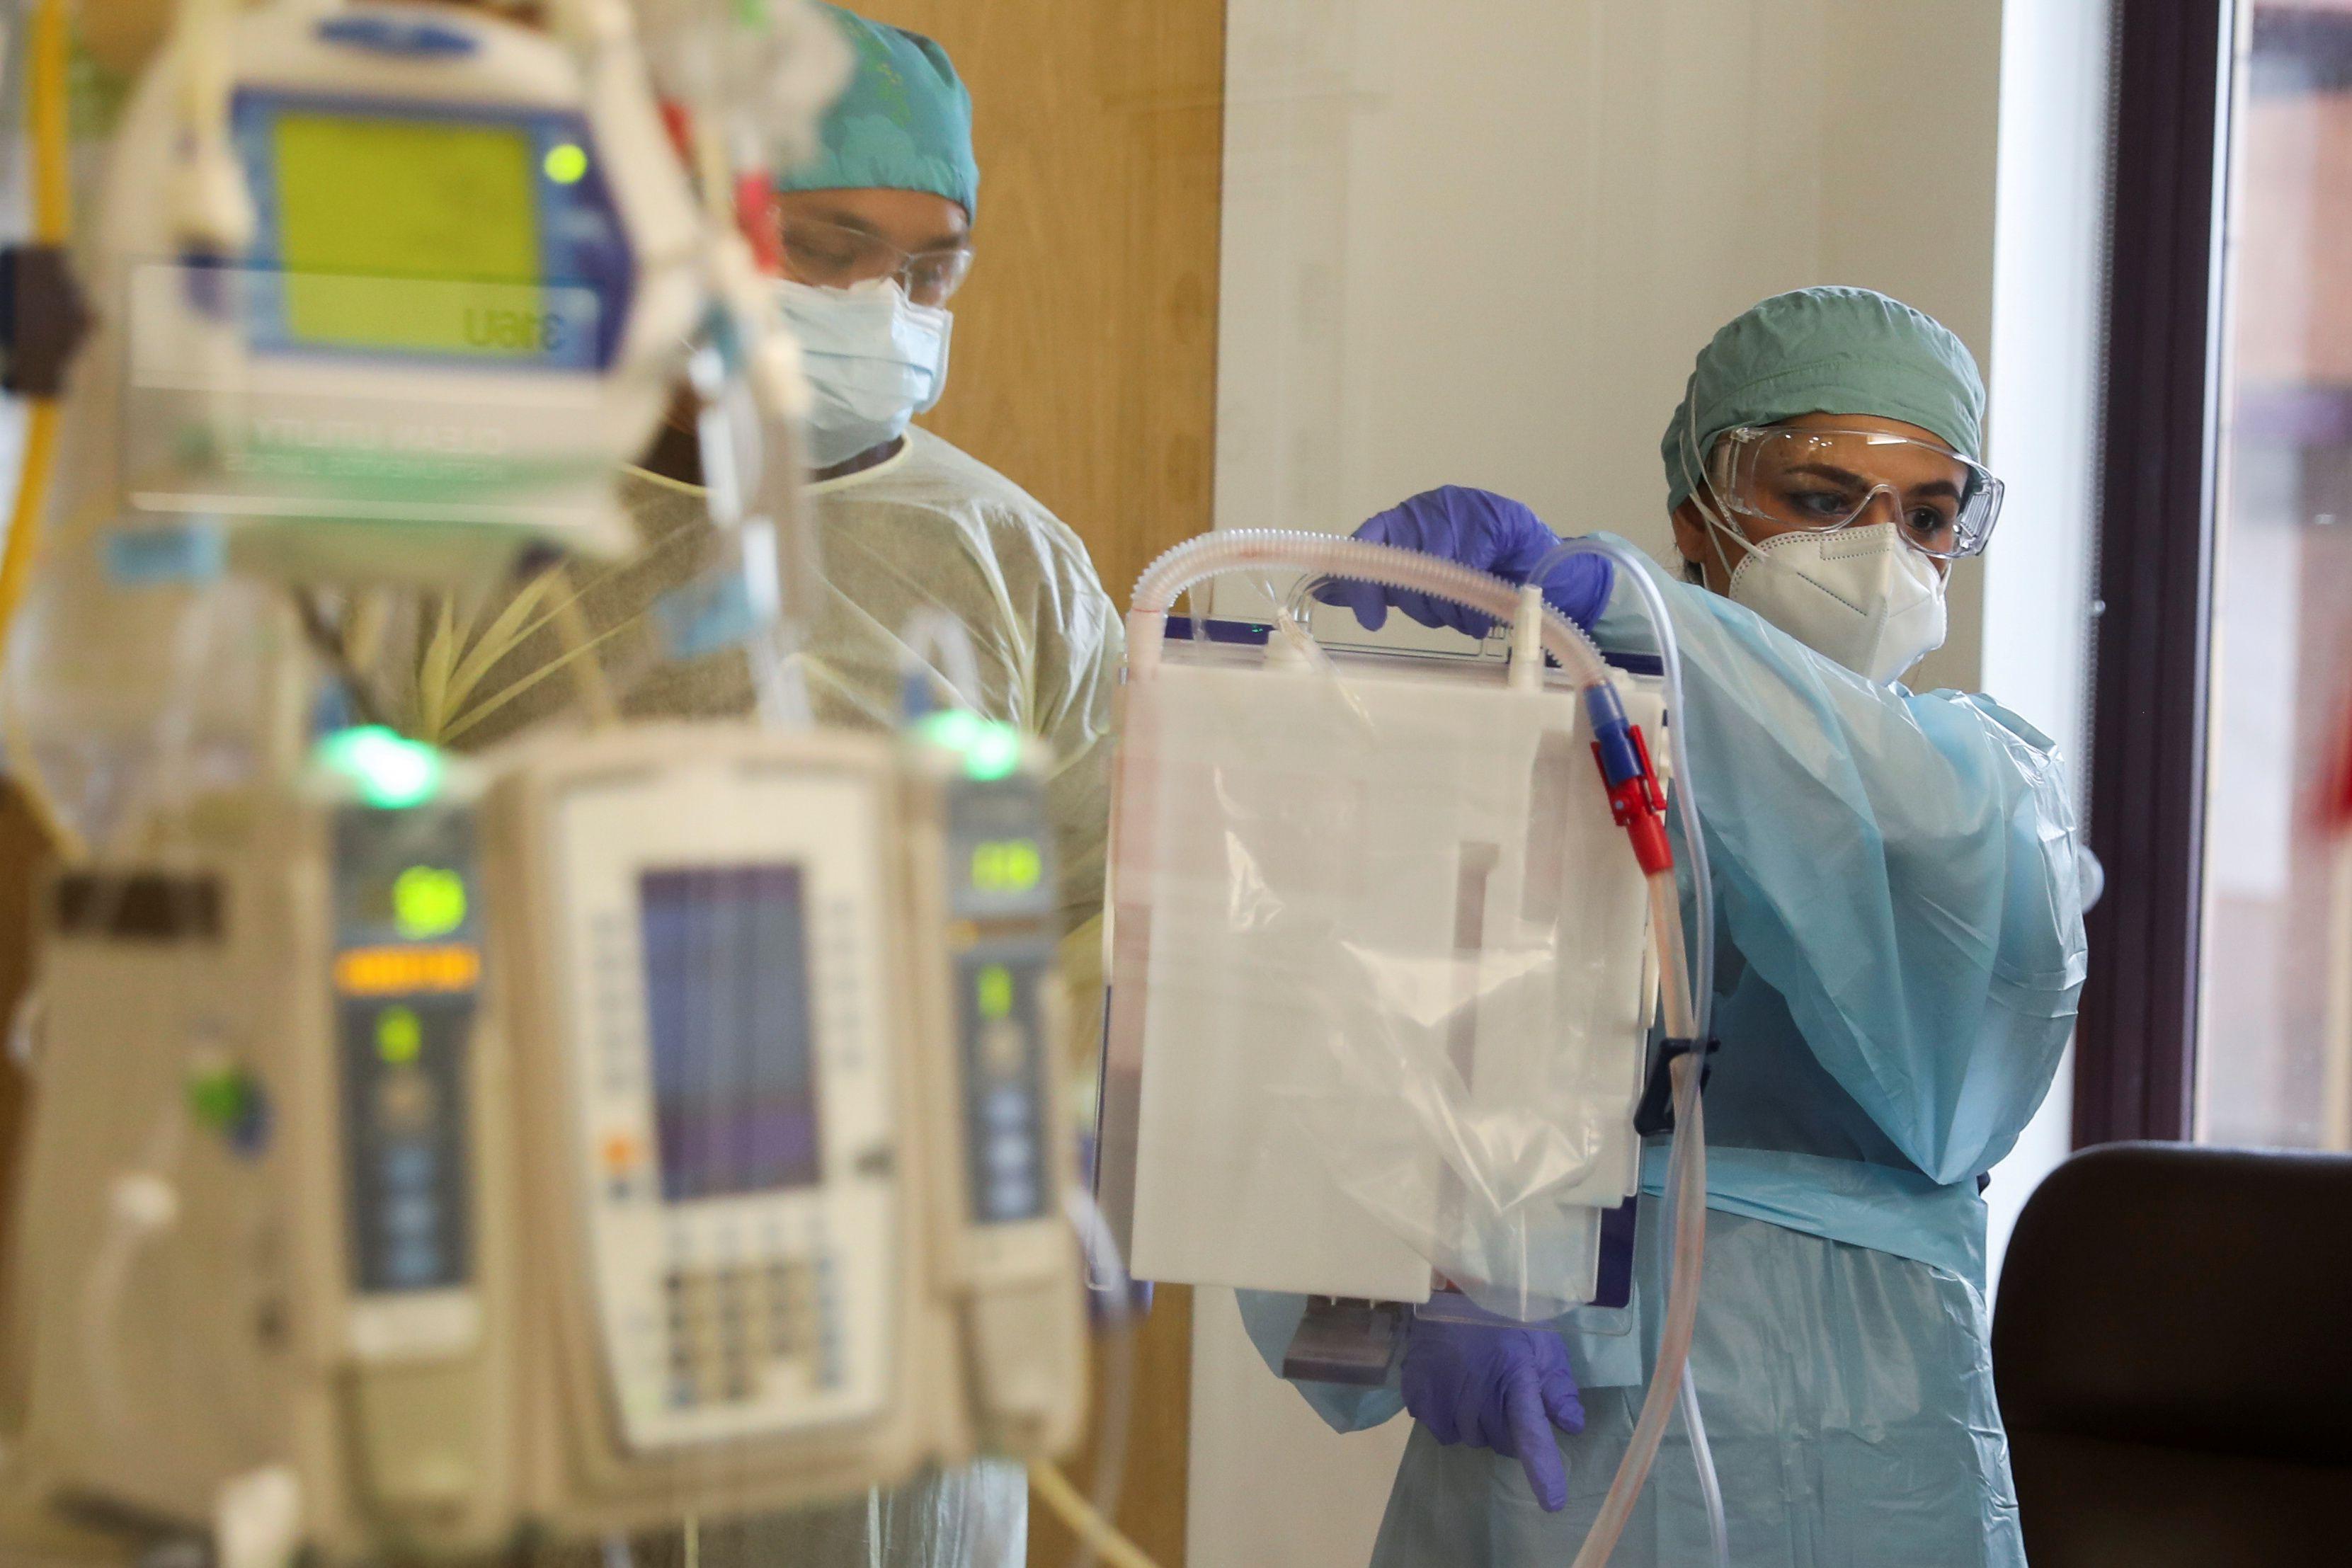 Más de 10,000 mujeres embarazadas han dado resultado positivo al virus SARS-CoV-2 en México REUTERS/Lucy Nicholson